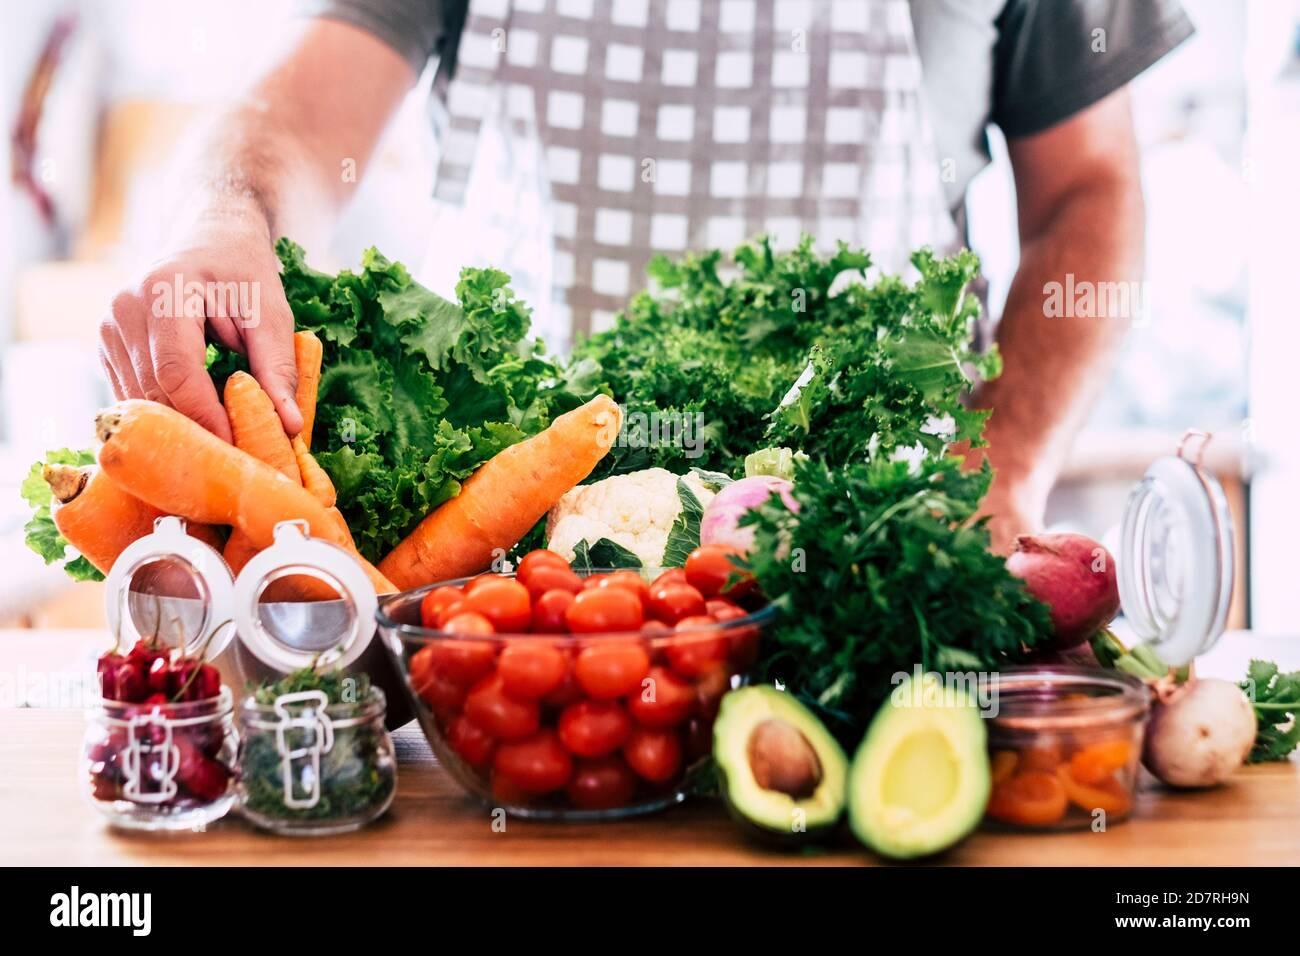 Hombre adulto irreconocible con muchas verduras sobre la mesa - mezcla de colores de la temporada de alimentos y frutas para vegetarianos o. gente vegana - vida saludable Foto de stock